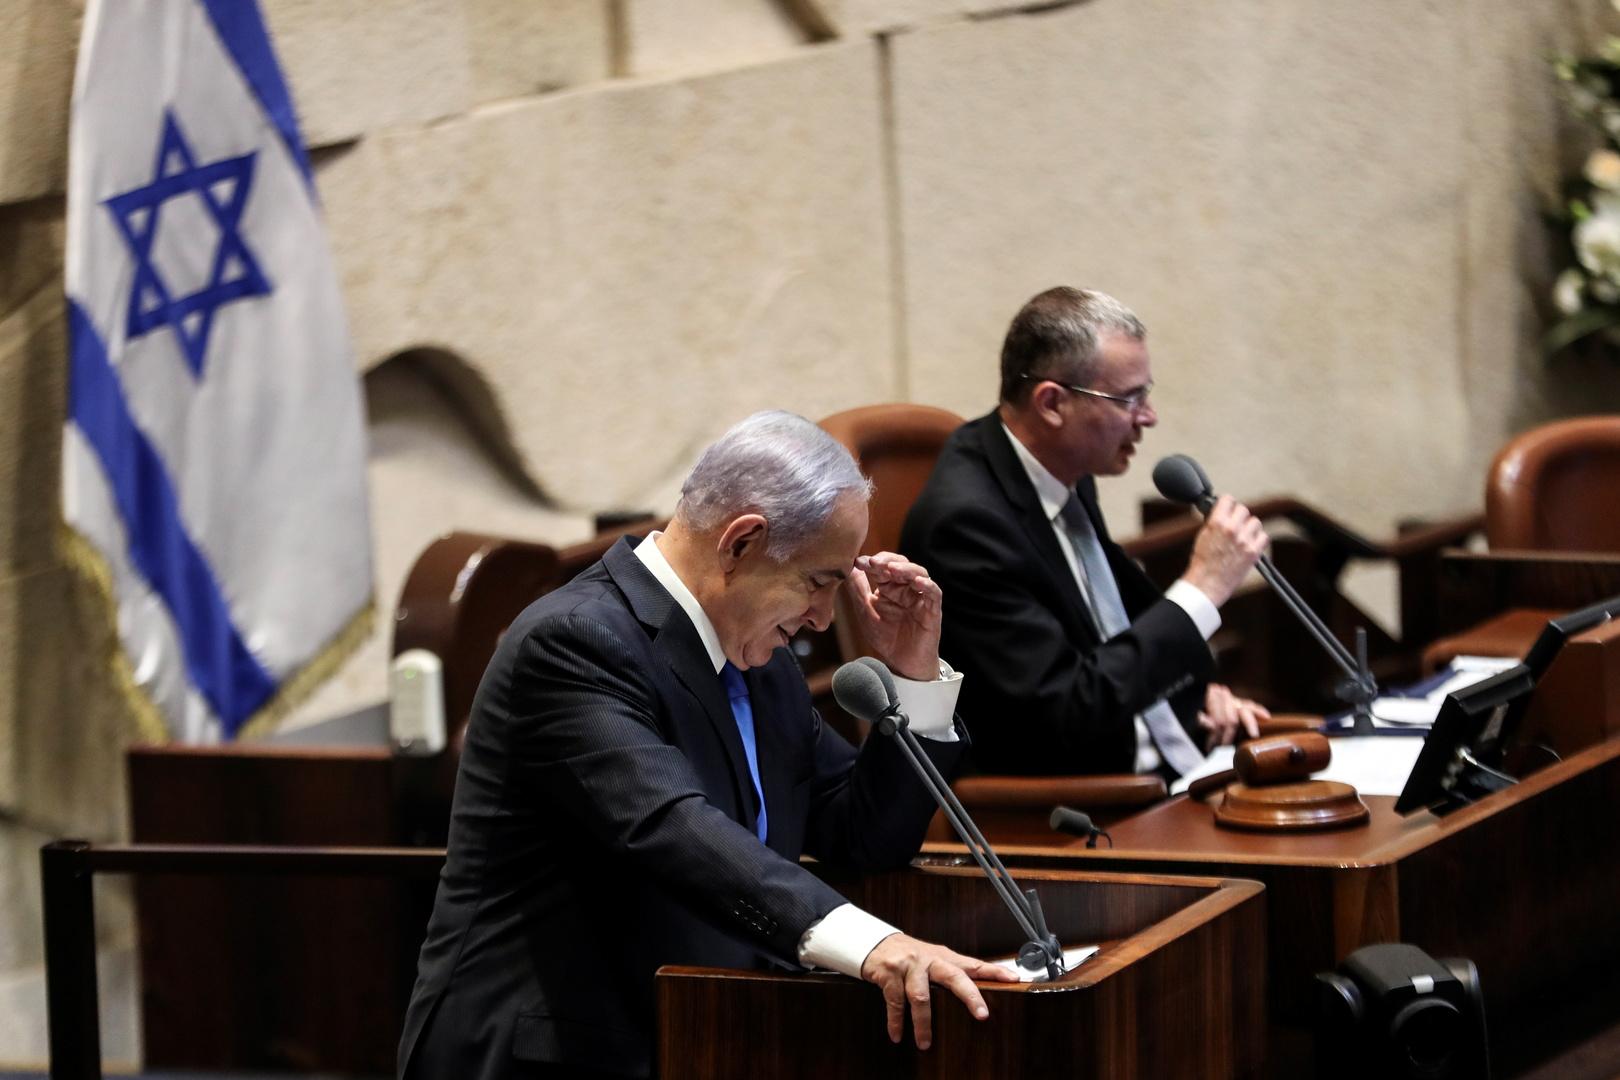 جلسة الكنيسيت الإسرائيلي، القدس